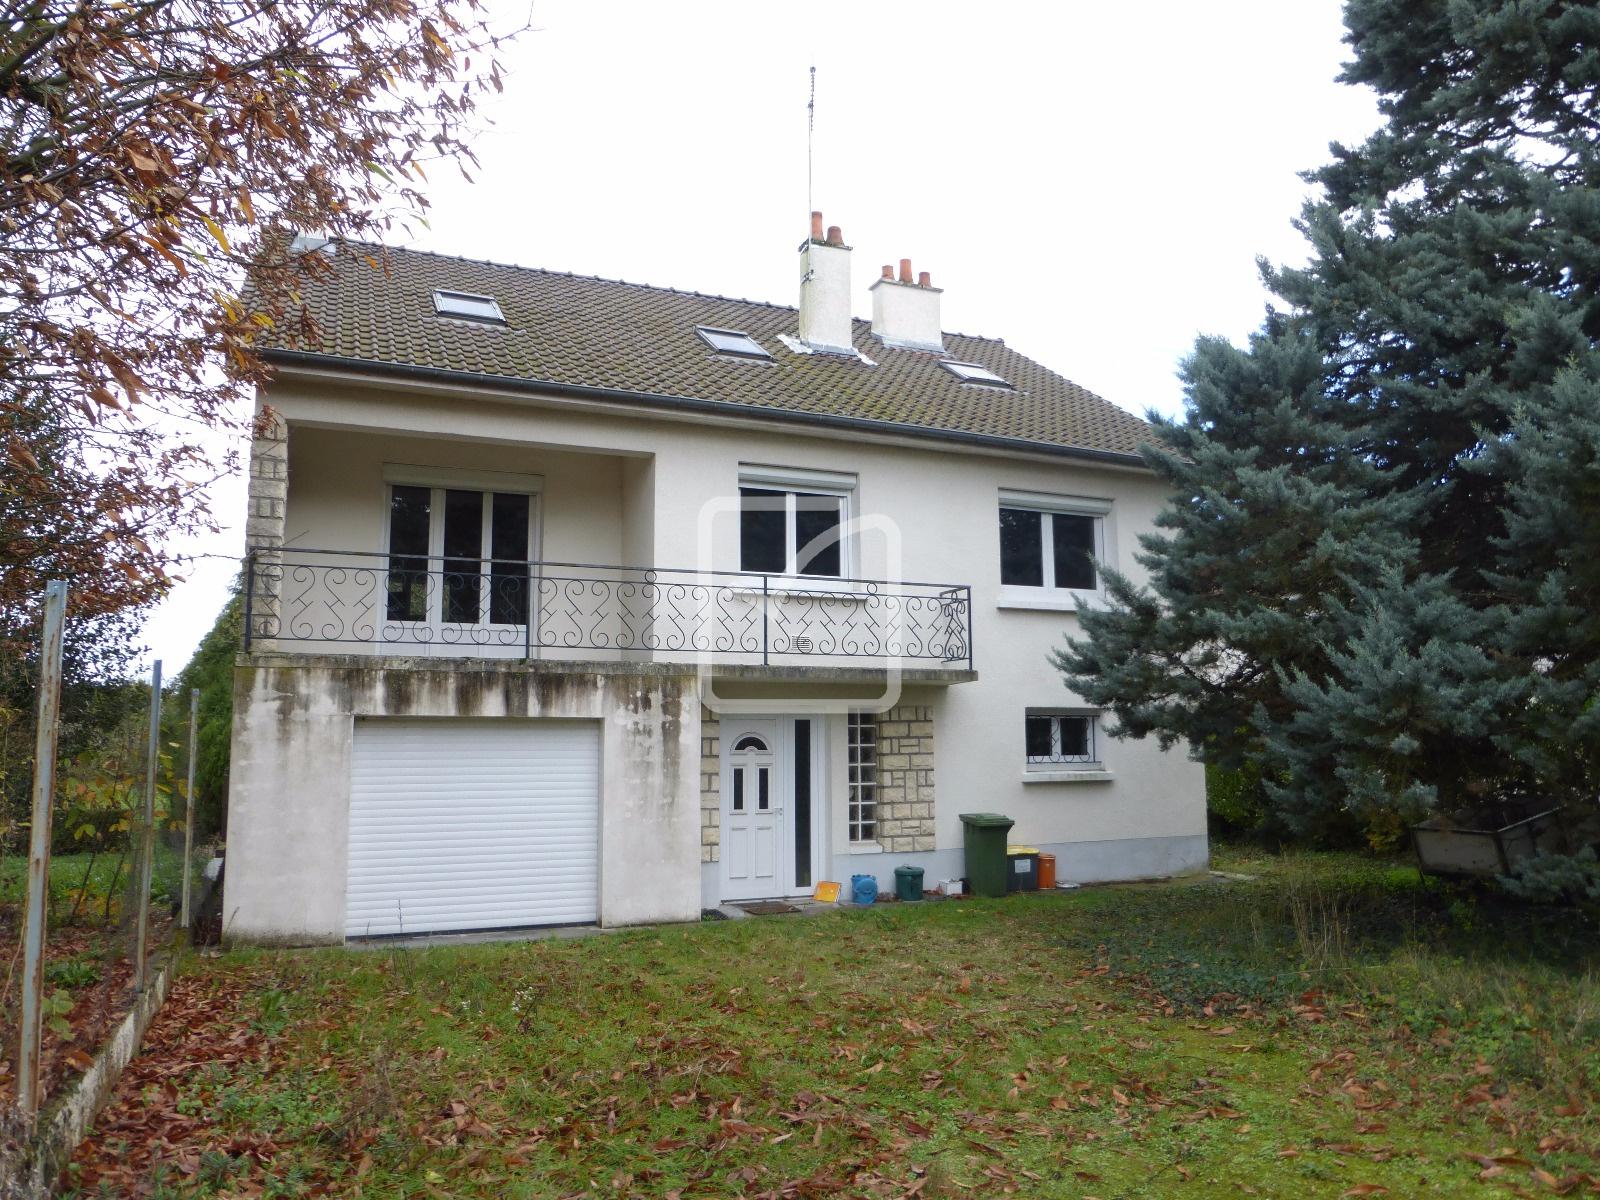 Maison a vendre meung sur loire 28 images achat maison for Achat maison loiret